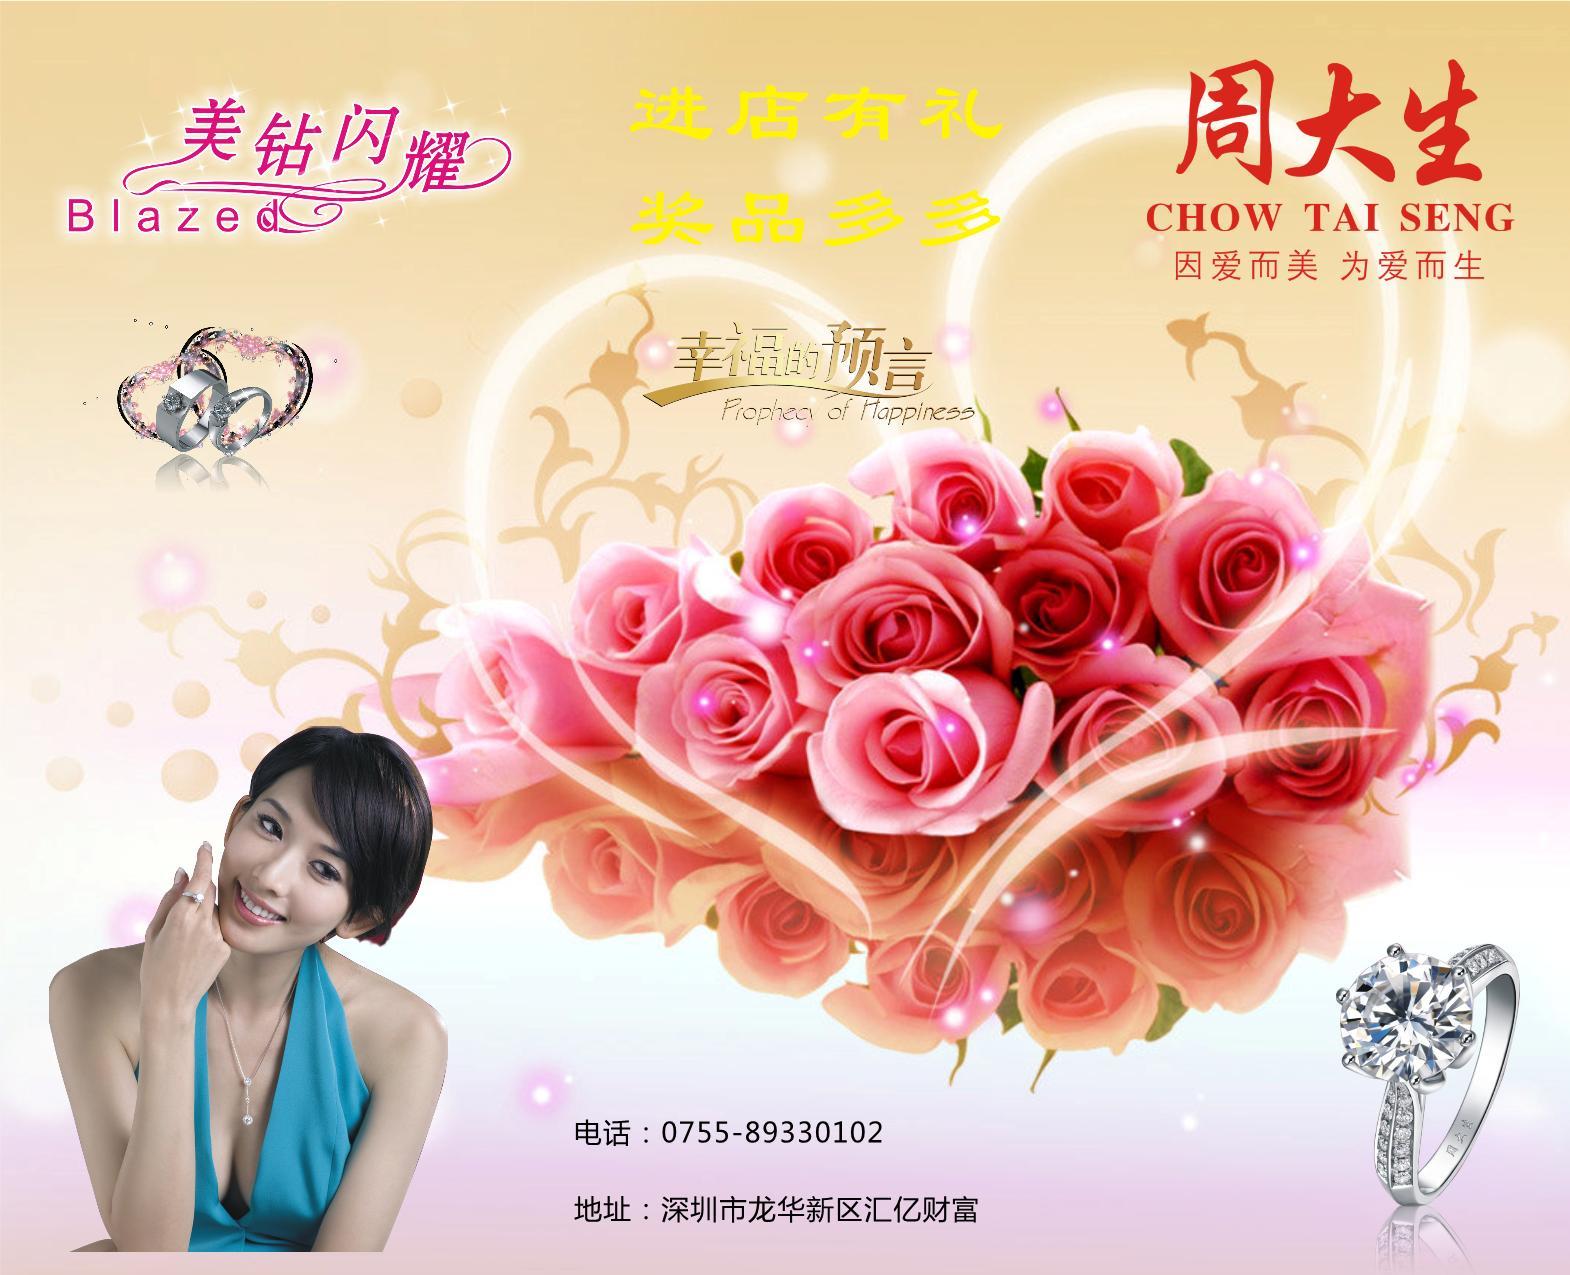 粉红色周大福珠宝广告鼠标垫模板下载